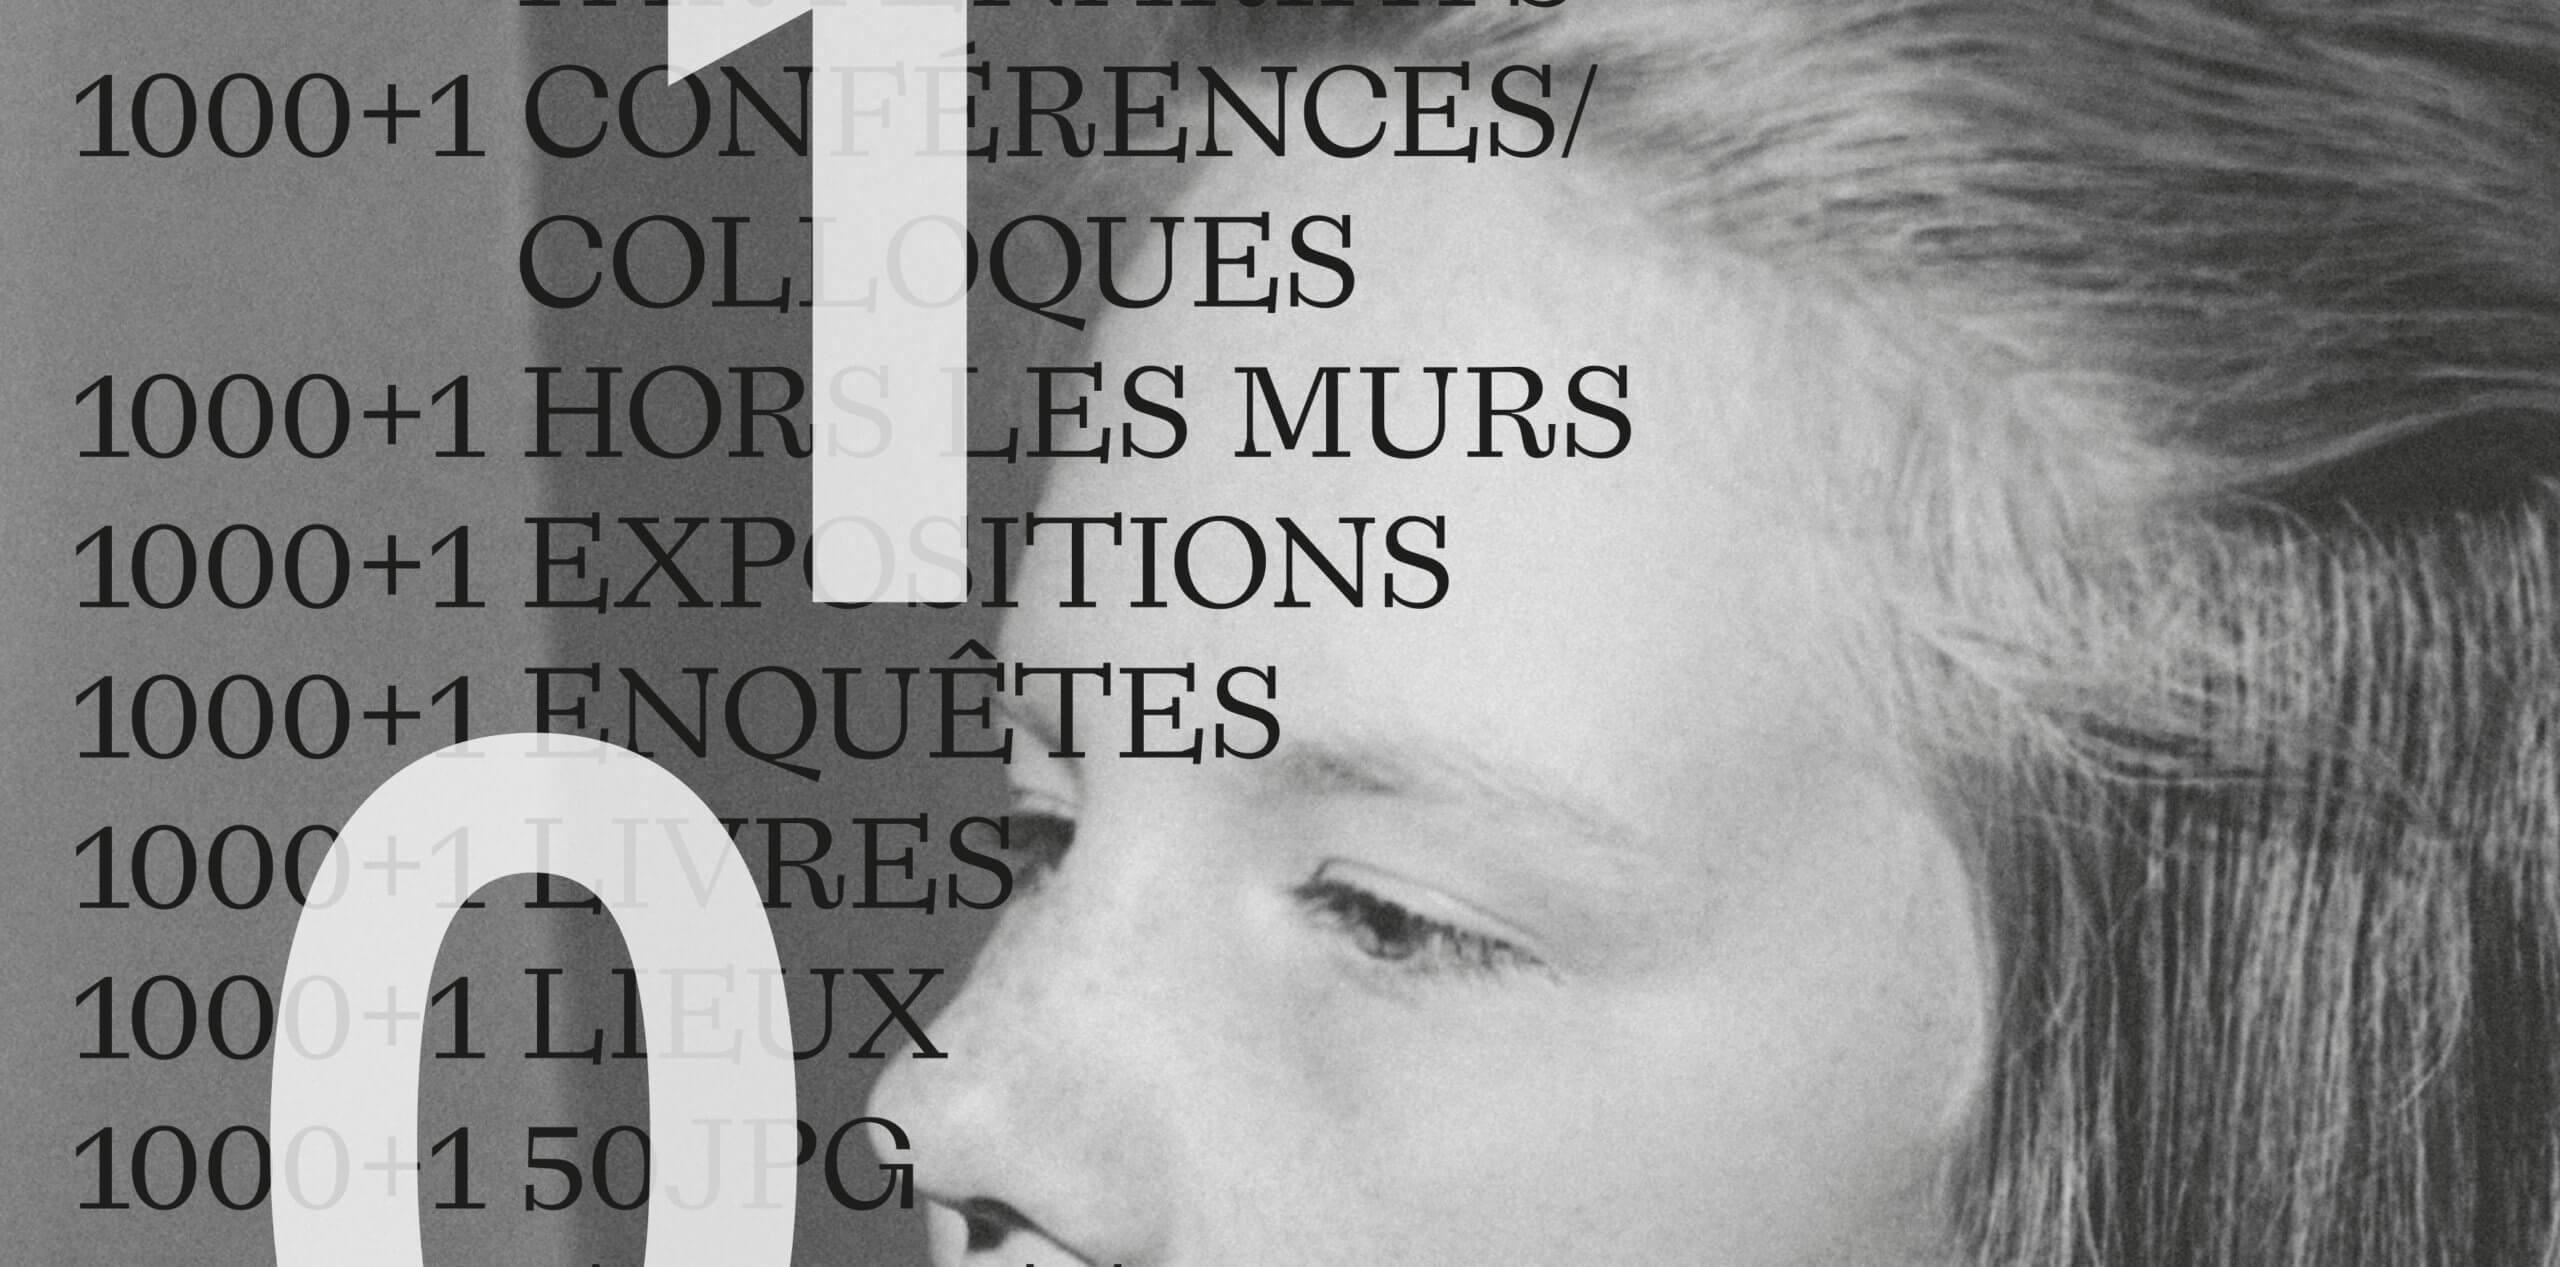 Centre de la Photographie Genève : Programme 1000 + 1